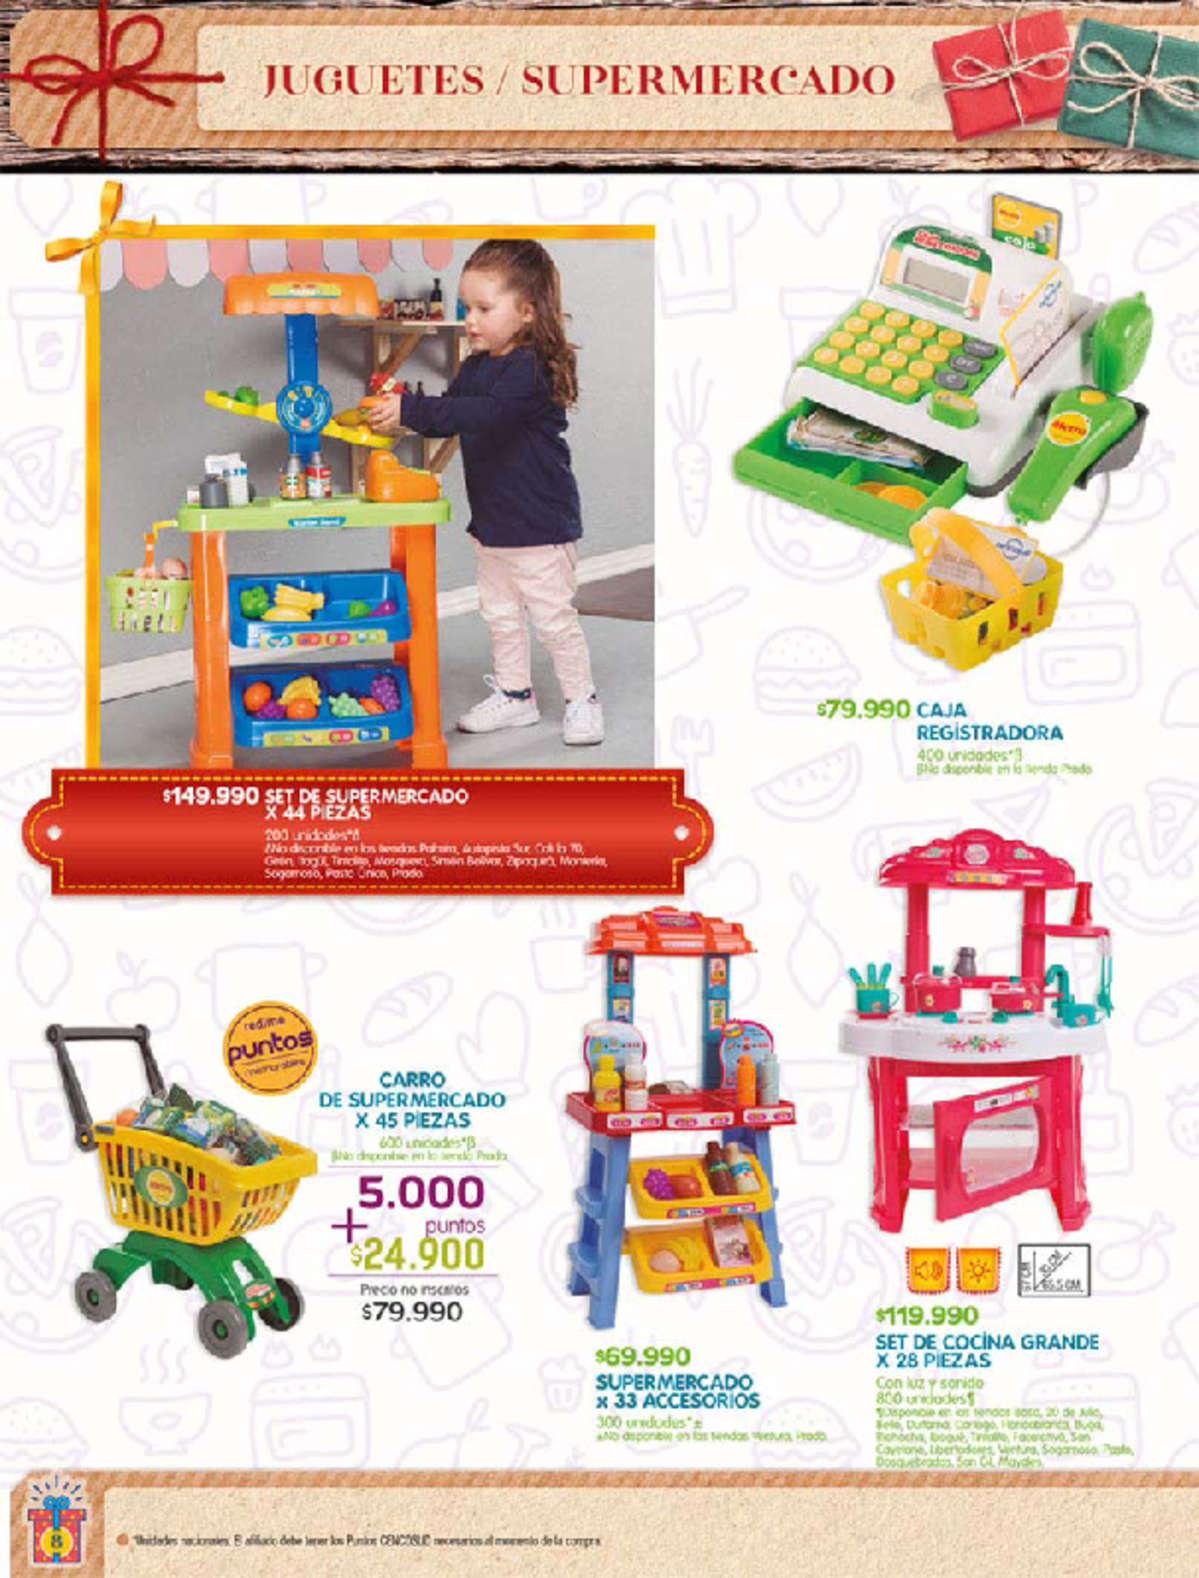 Comprar Juguetes En Promociones Y Valledupar Bebé Ofertia Tiendas Ibym6gYf7v